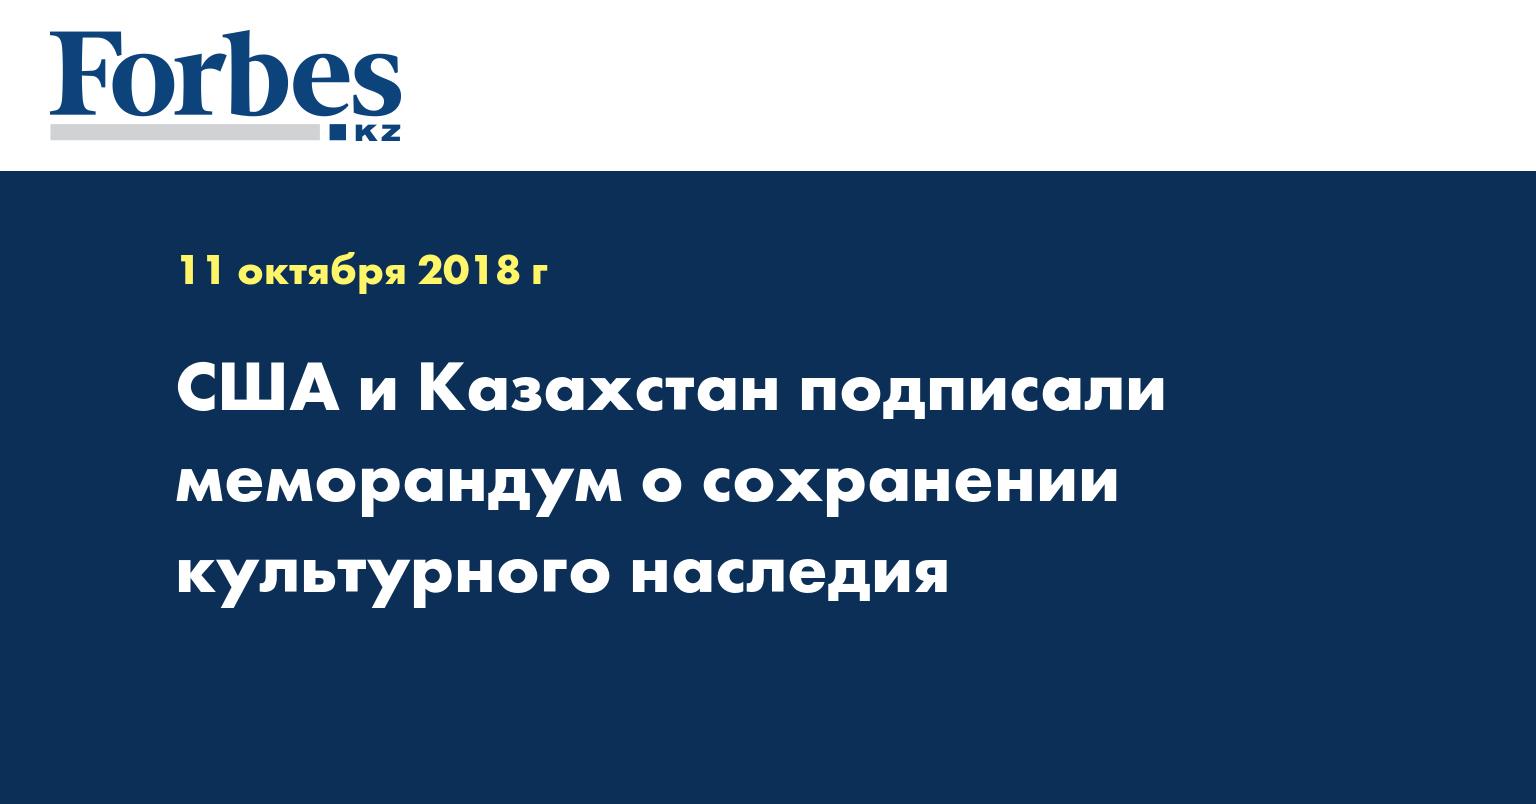 США и Казахстан подписали меморандум о сохранении культурного наследия